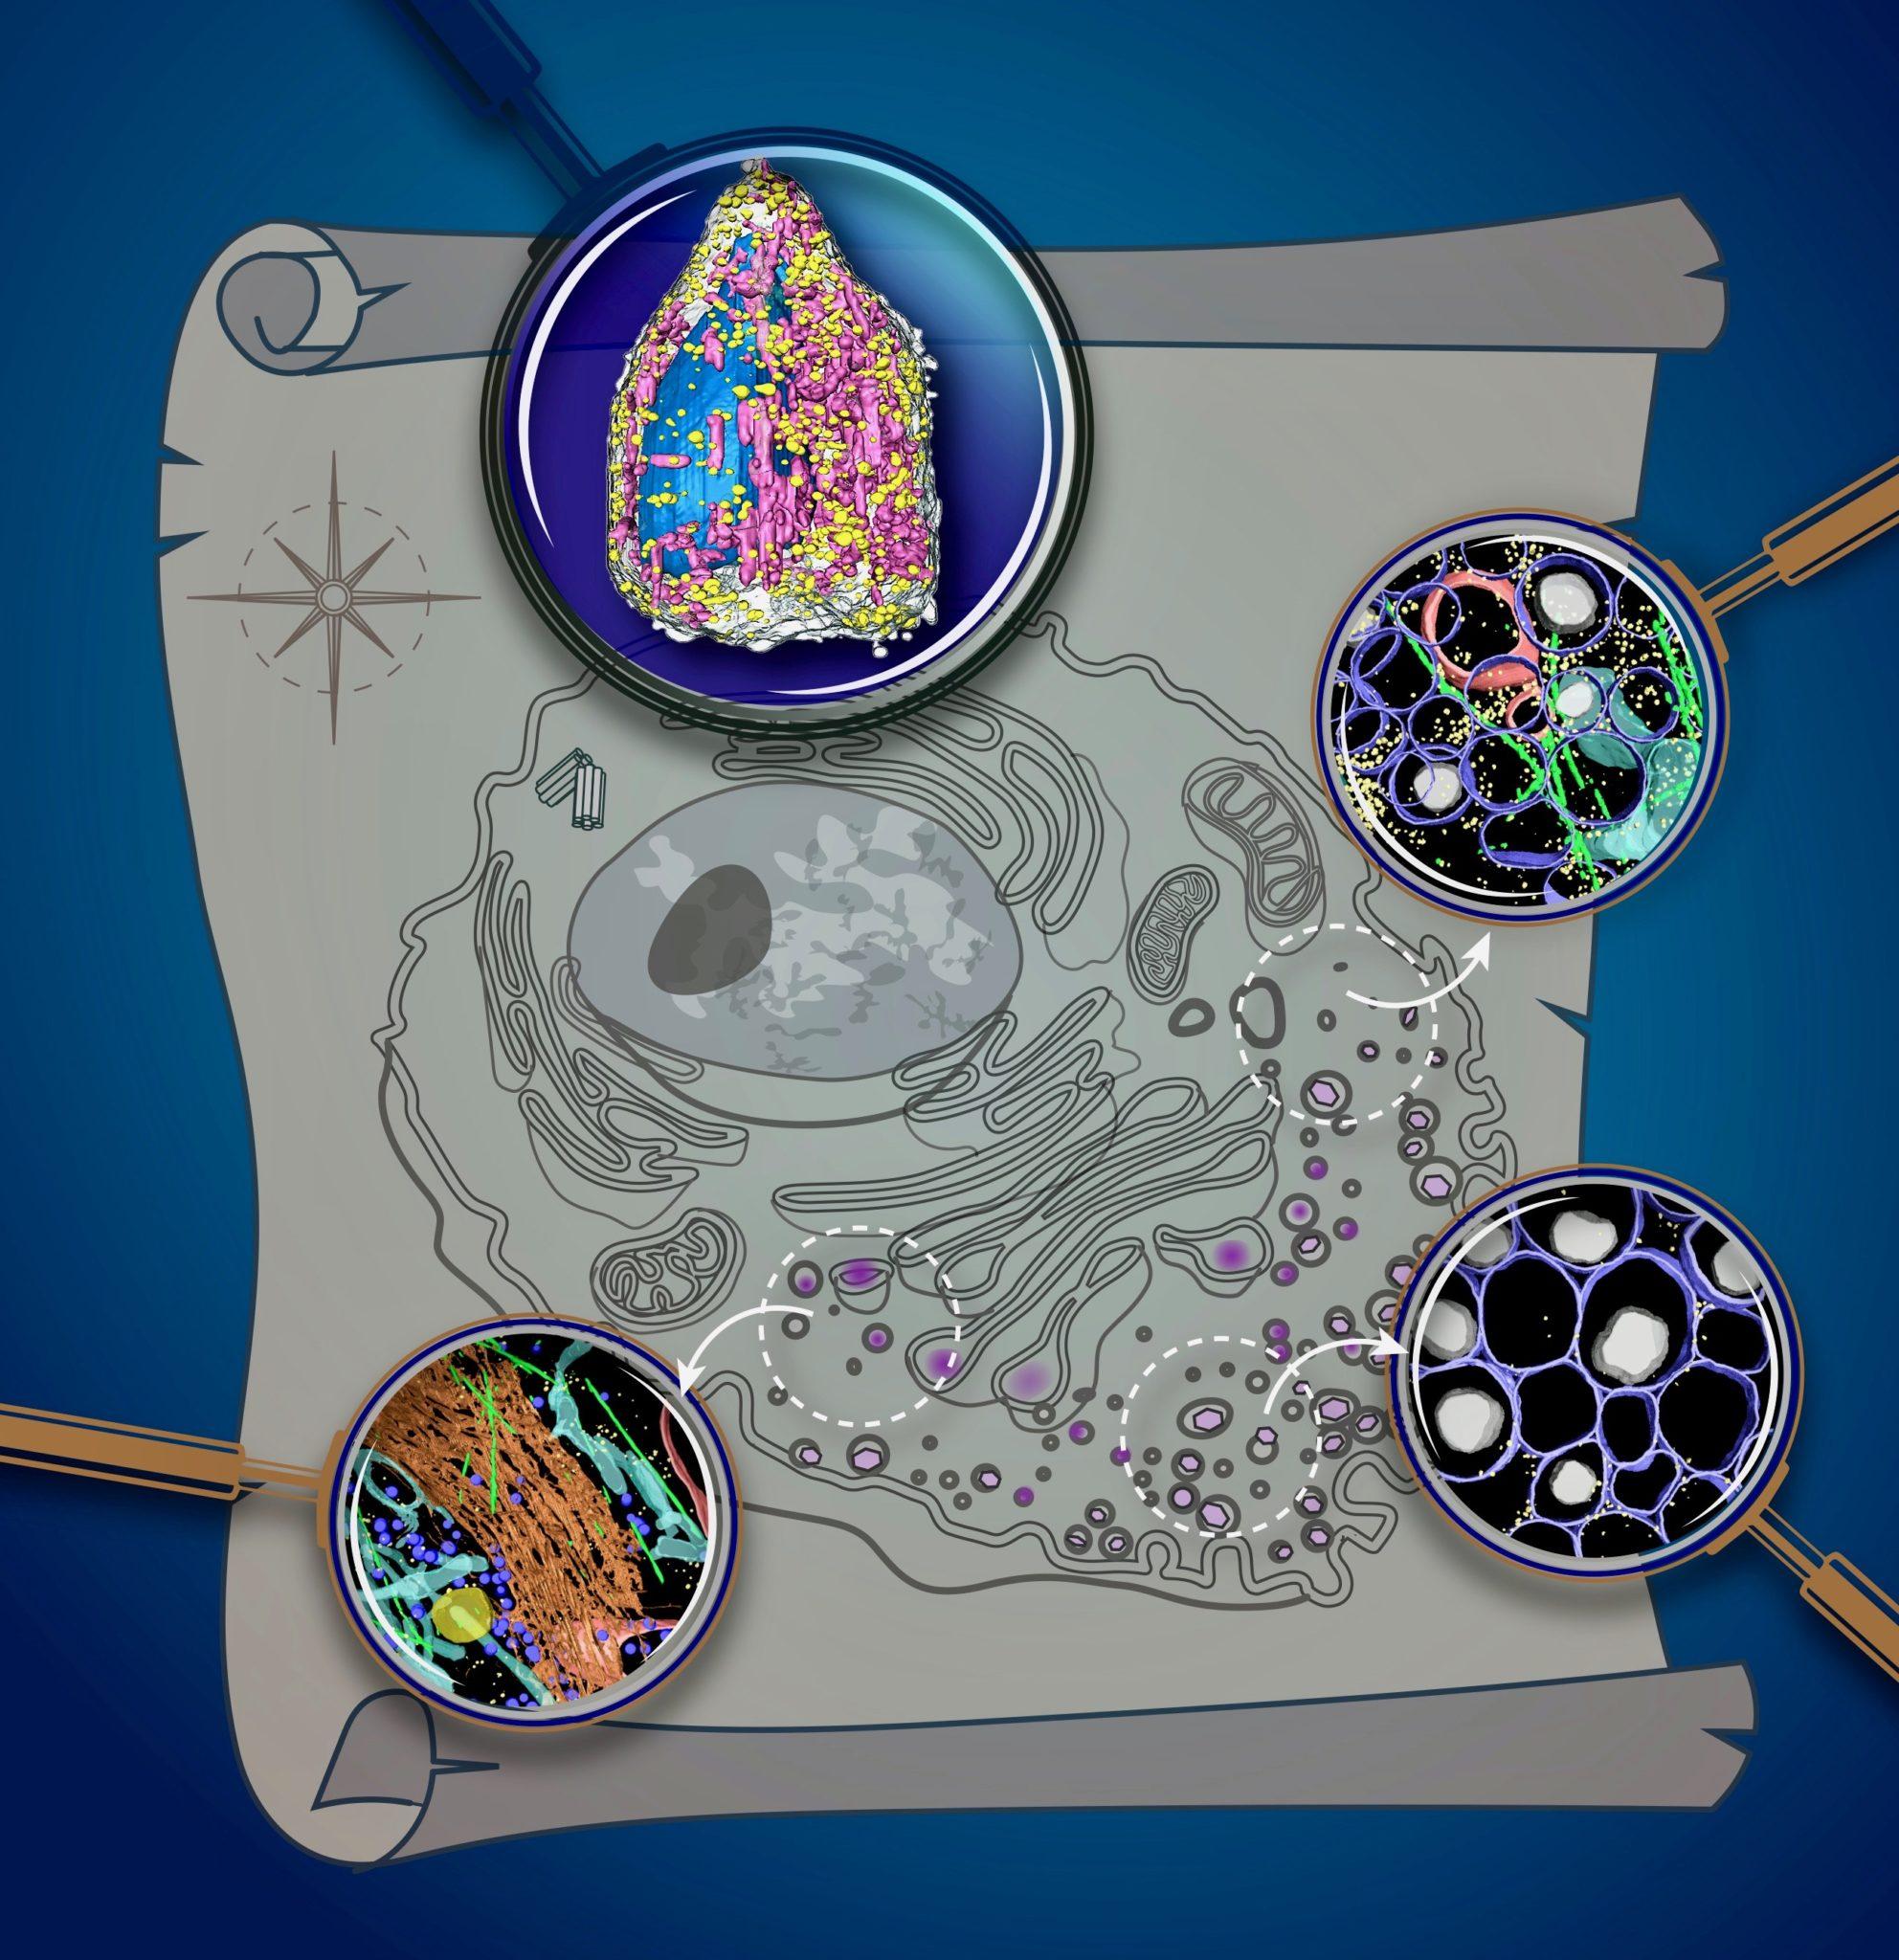 独特的X射线显微镜显示出令人眼花缭乱的3D细胞图像